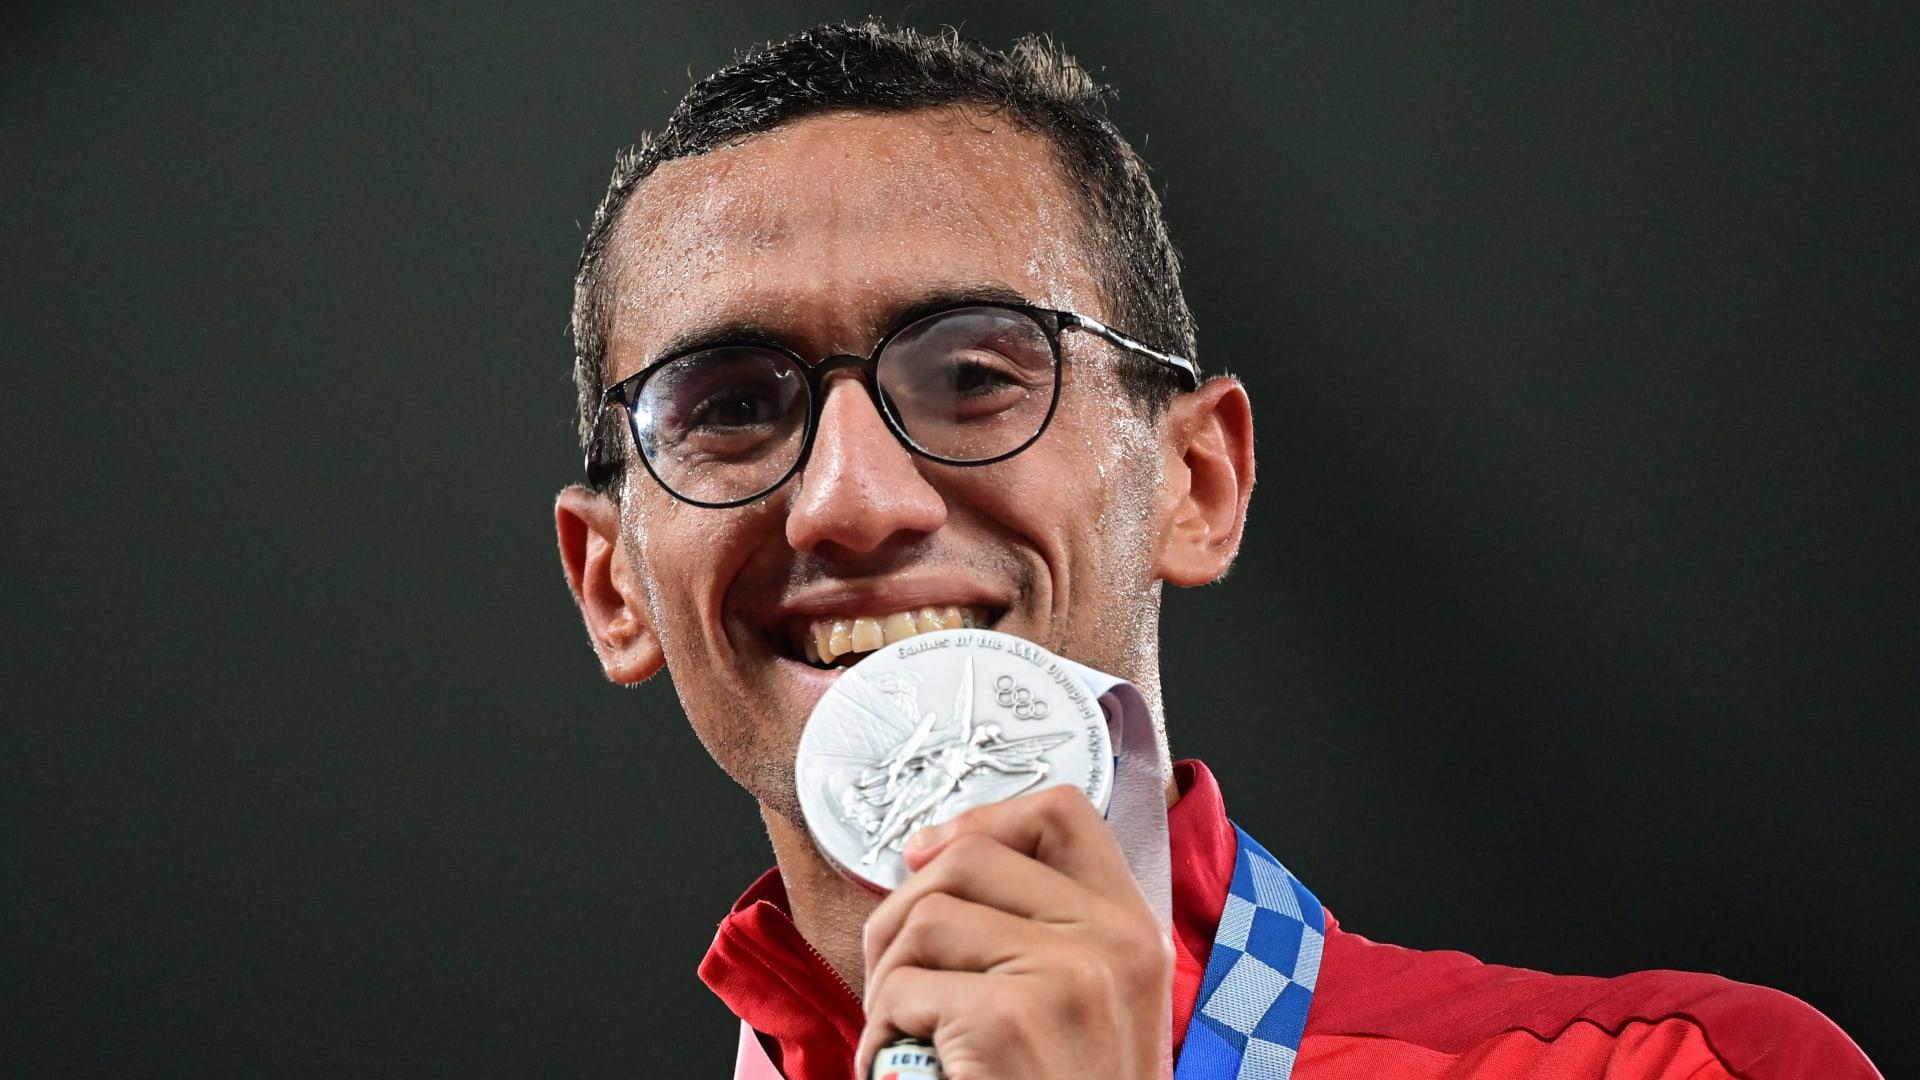 أحمد الجندي أول مصري وعربي يحقق فضية الخماسي الحديث.. وميدالية للبحرين